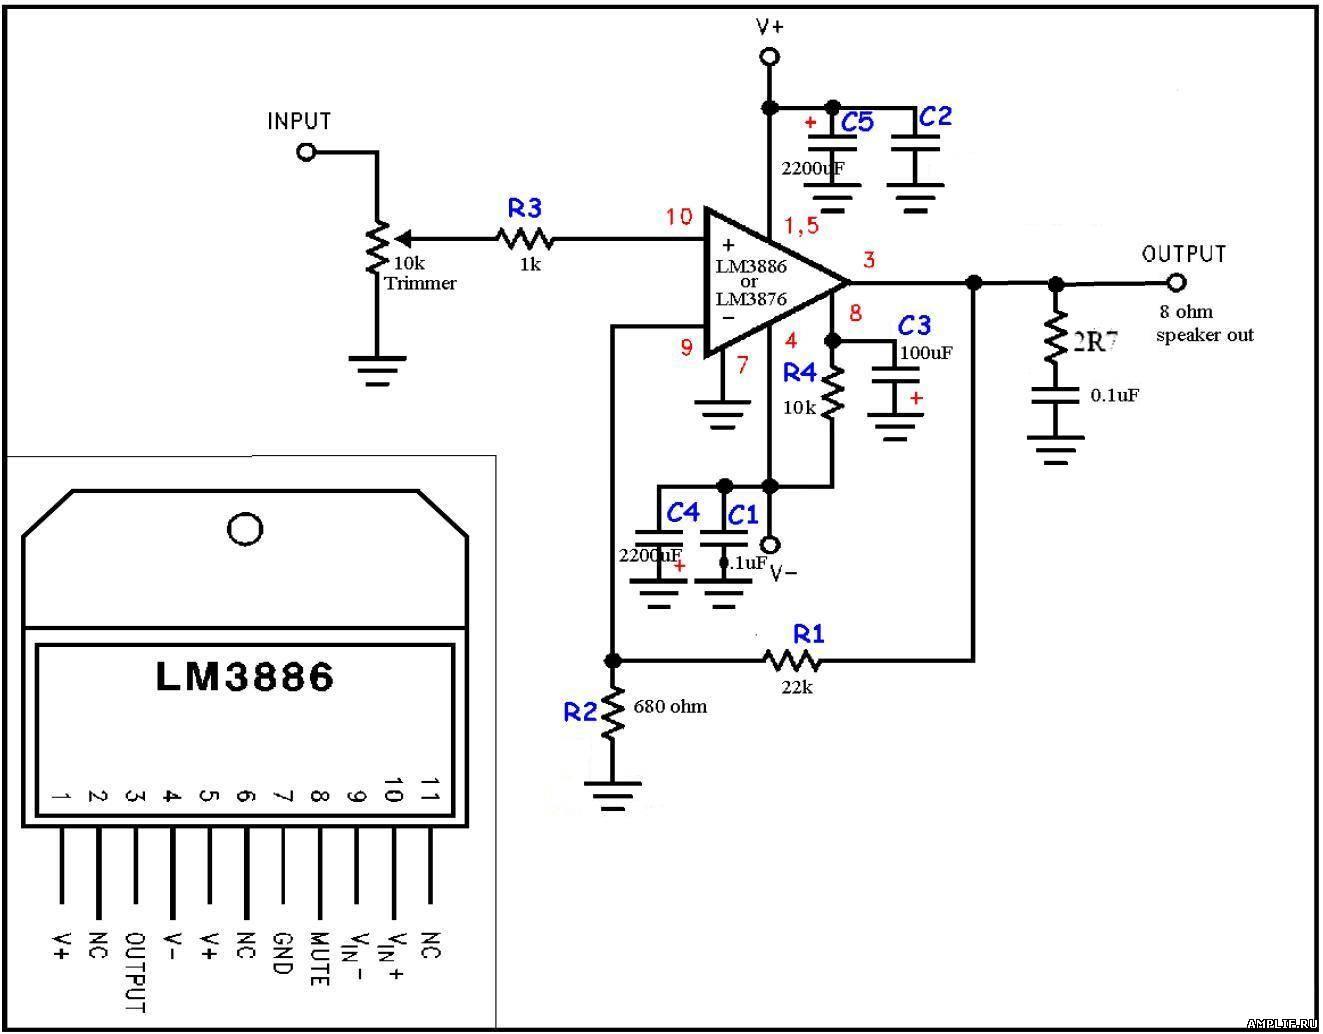 Lm3886 схема усилителя